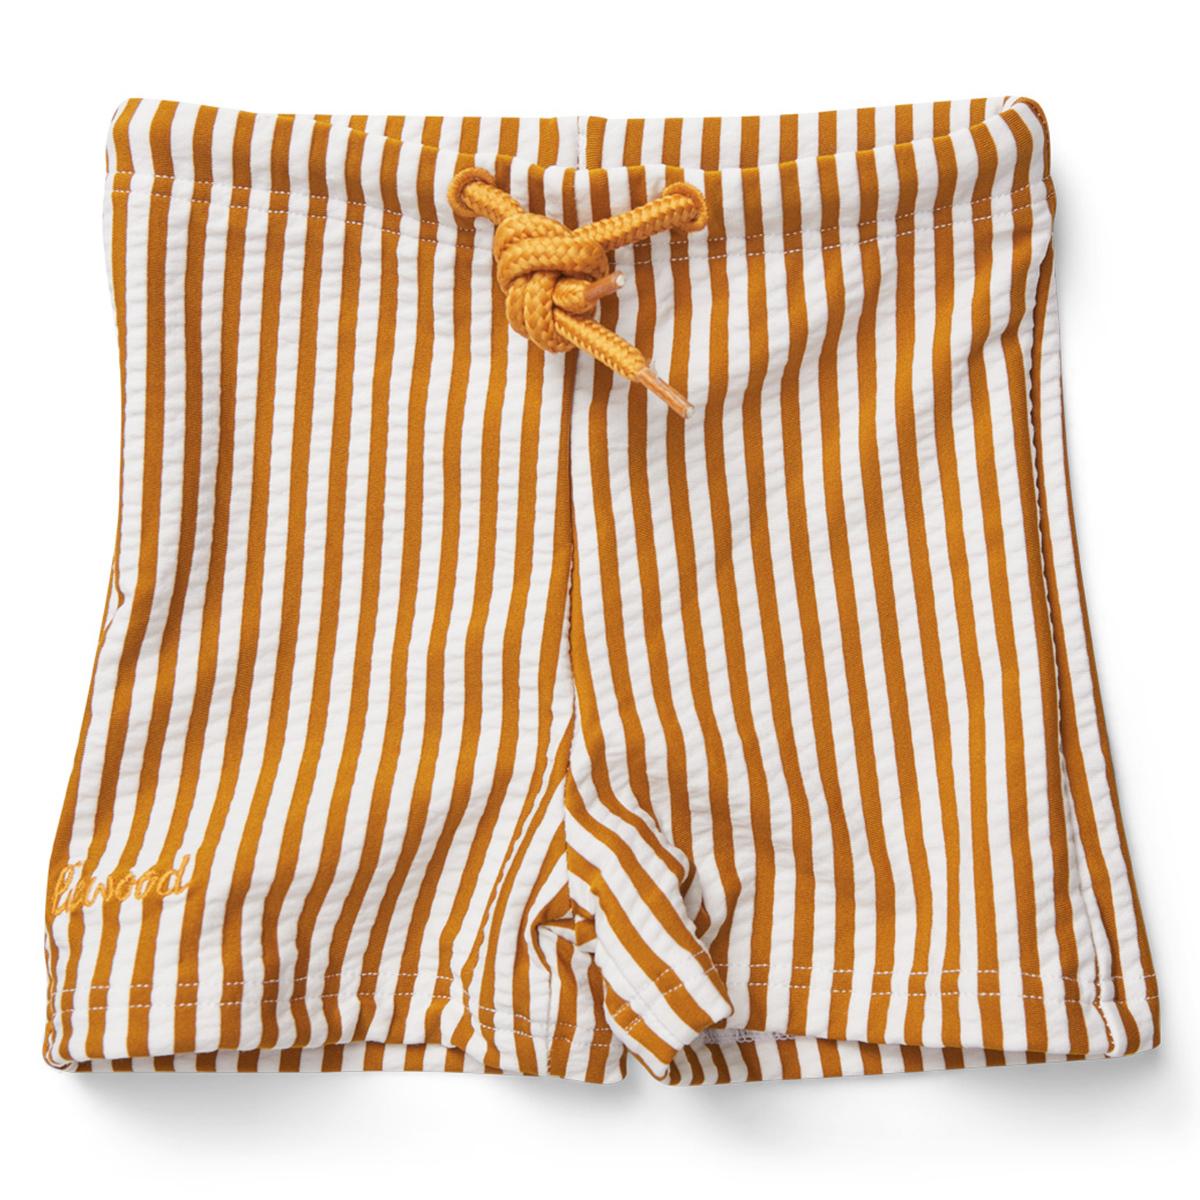 Accessoires bébé Short de Bain Otto Rayé Moutarde et Blanc - 9/18 Mois Short de Bain Otto Rayé Moutarde et Blanc - 9/18 Mois